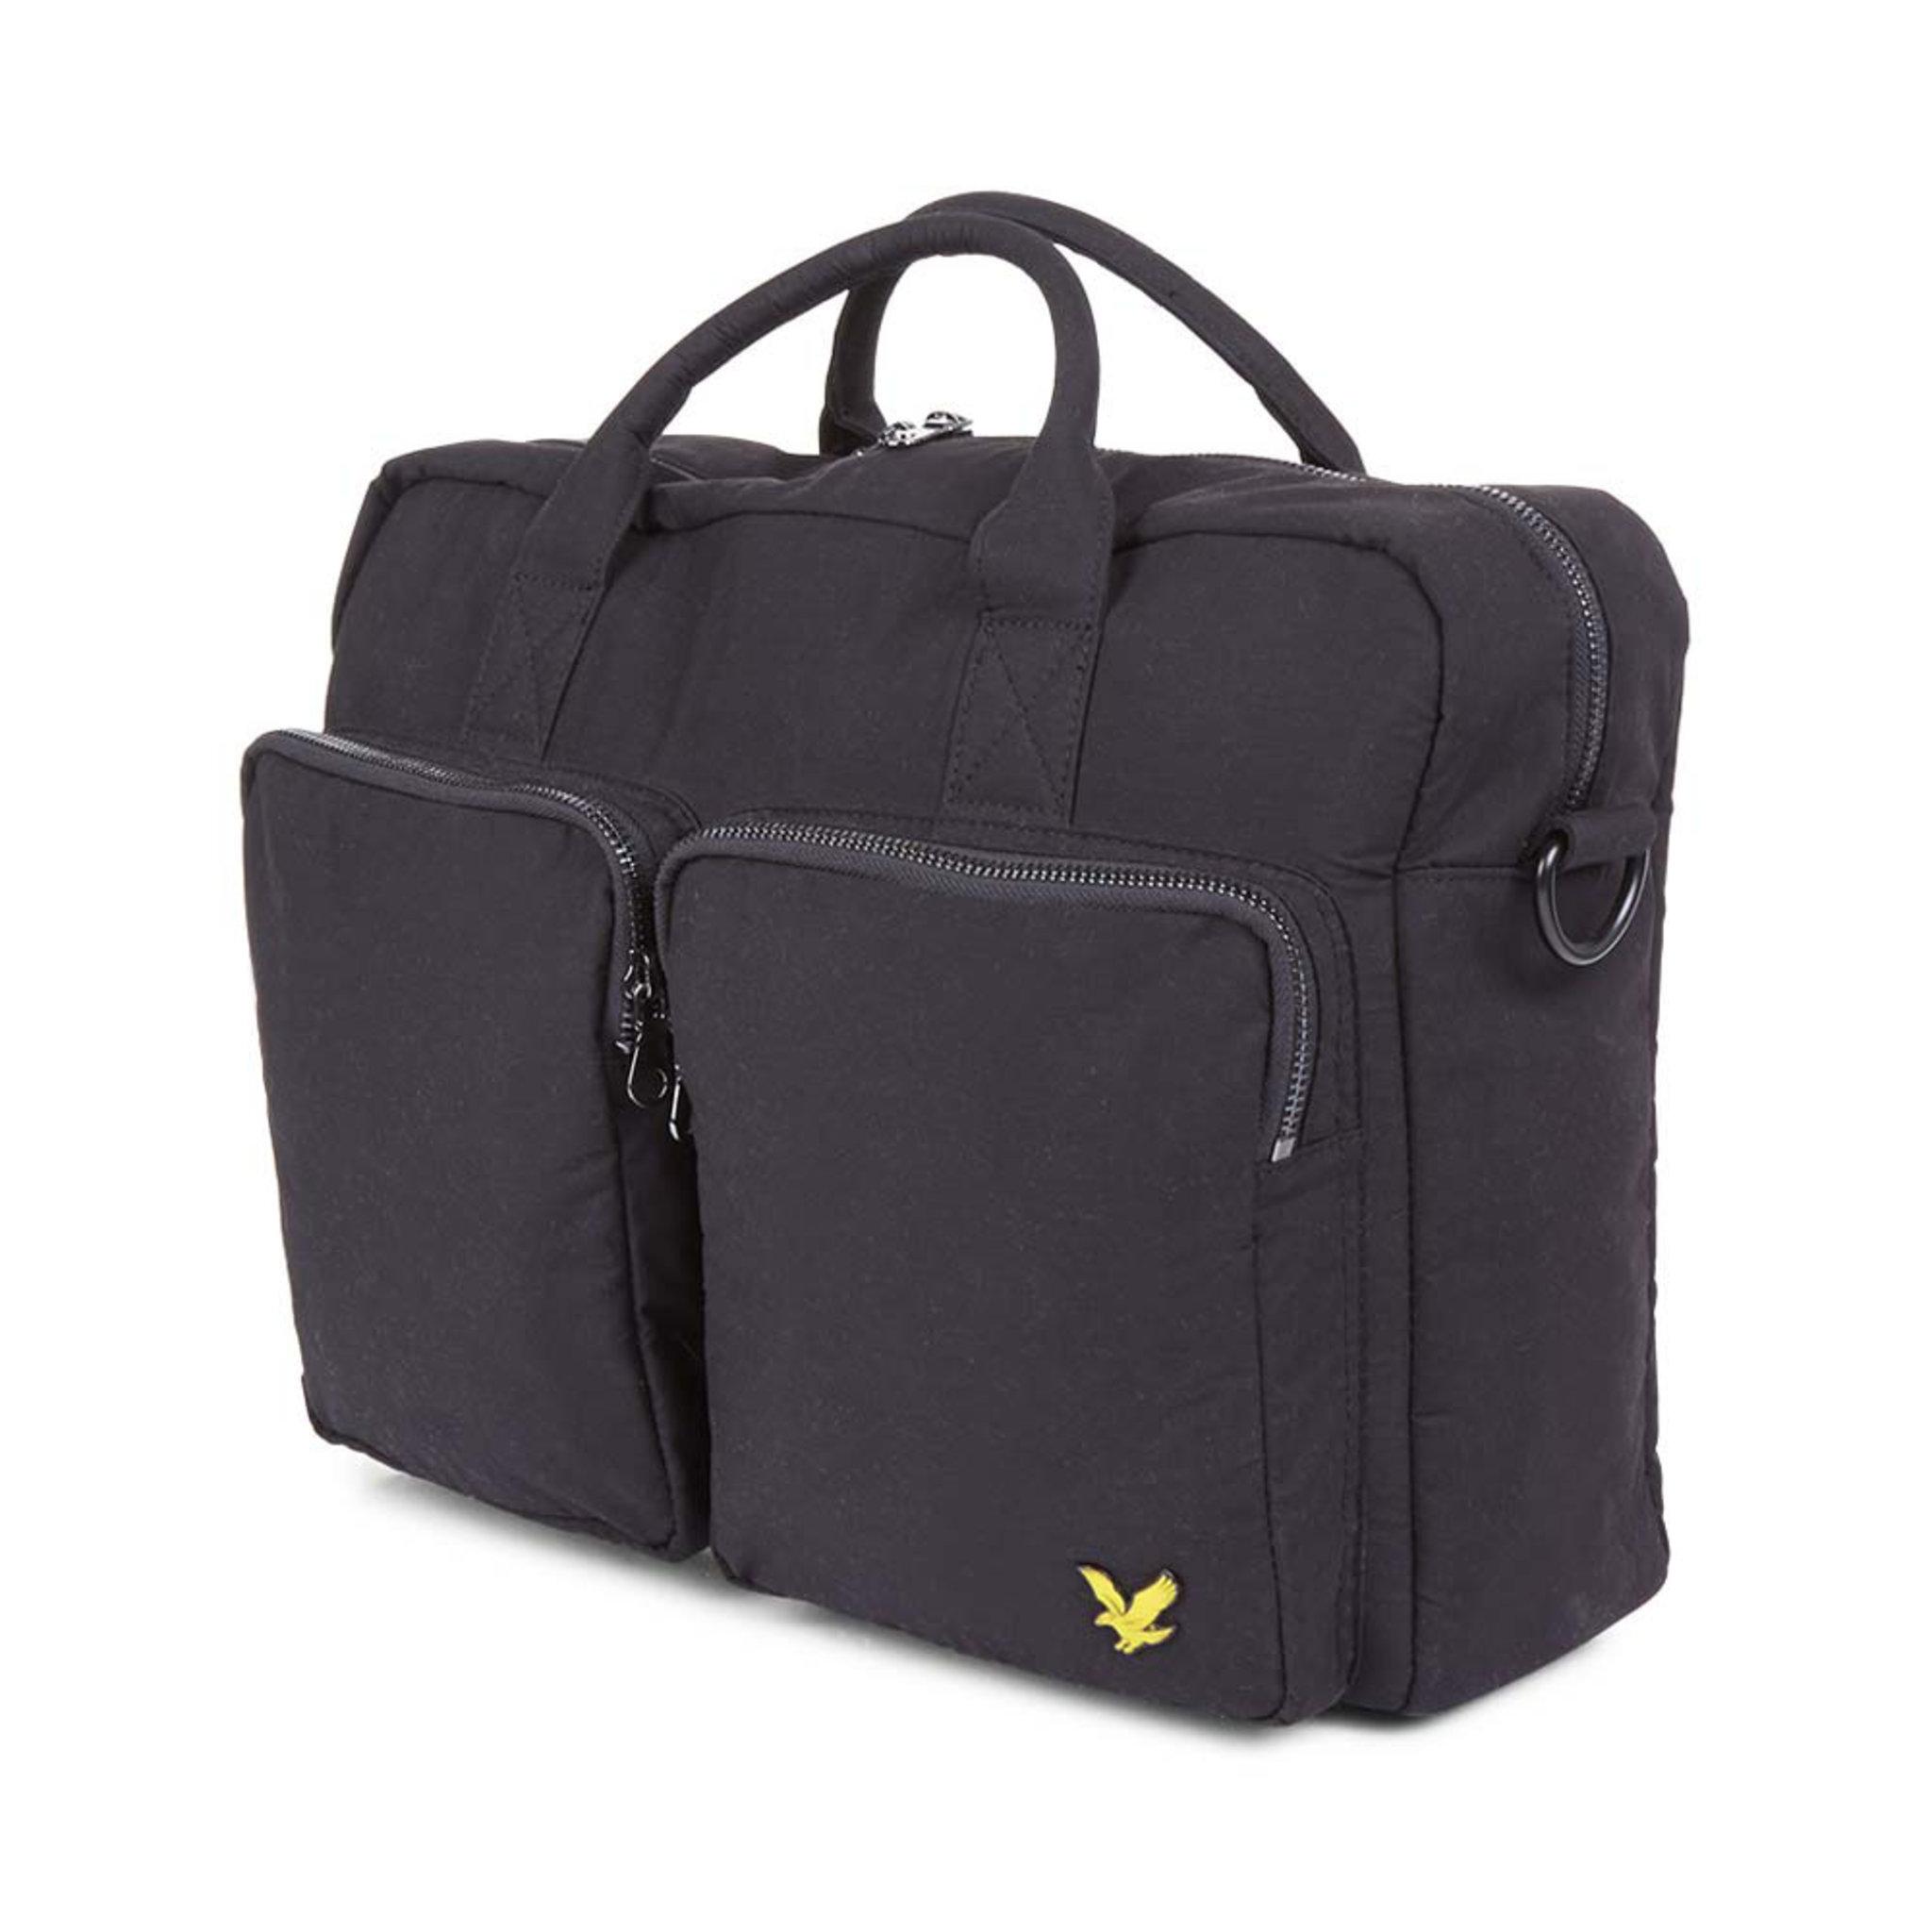 2 Pocket Shoulder Bag, svart